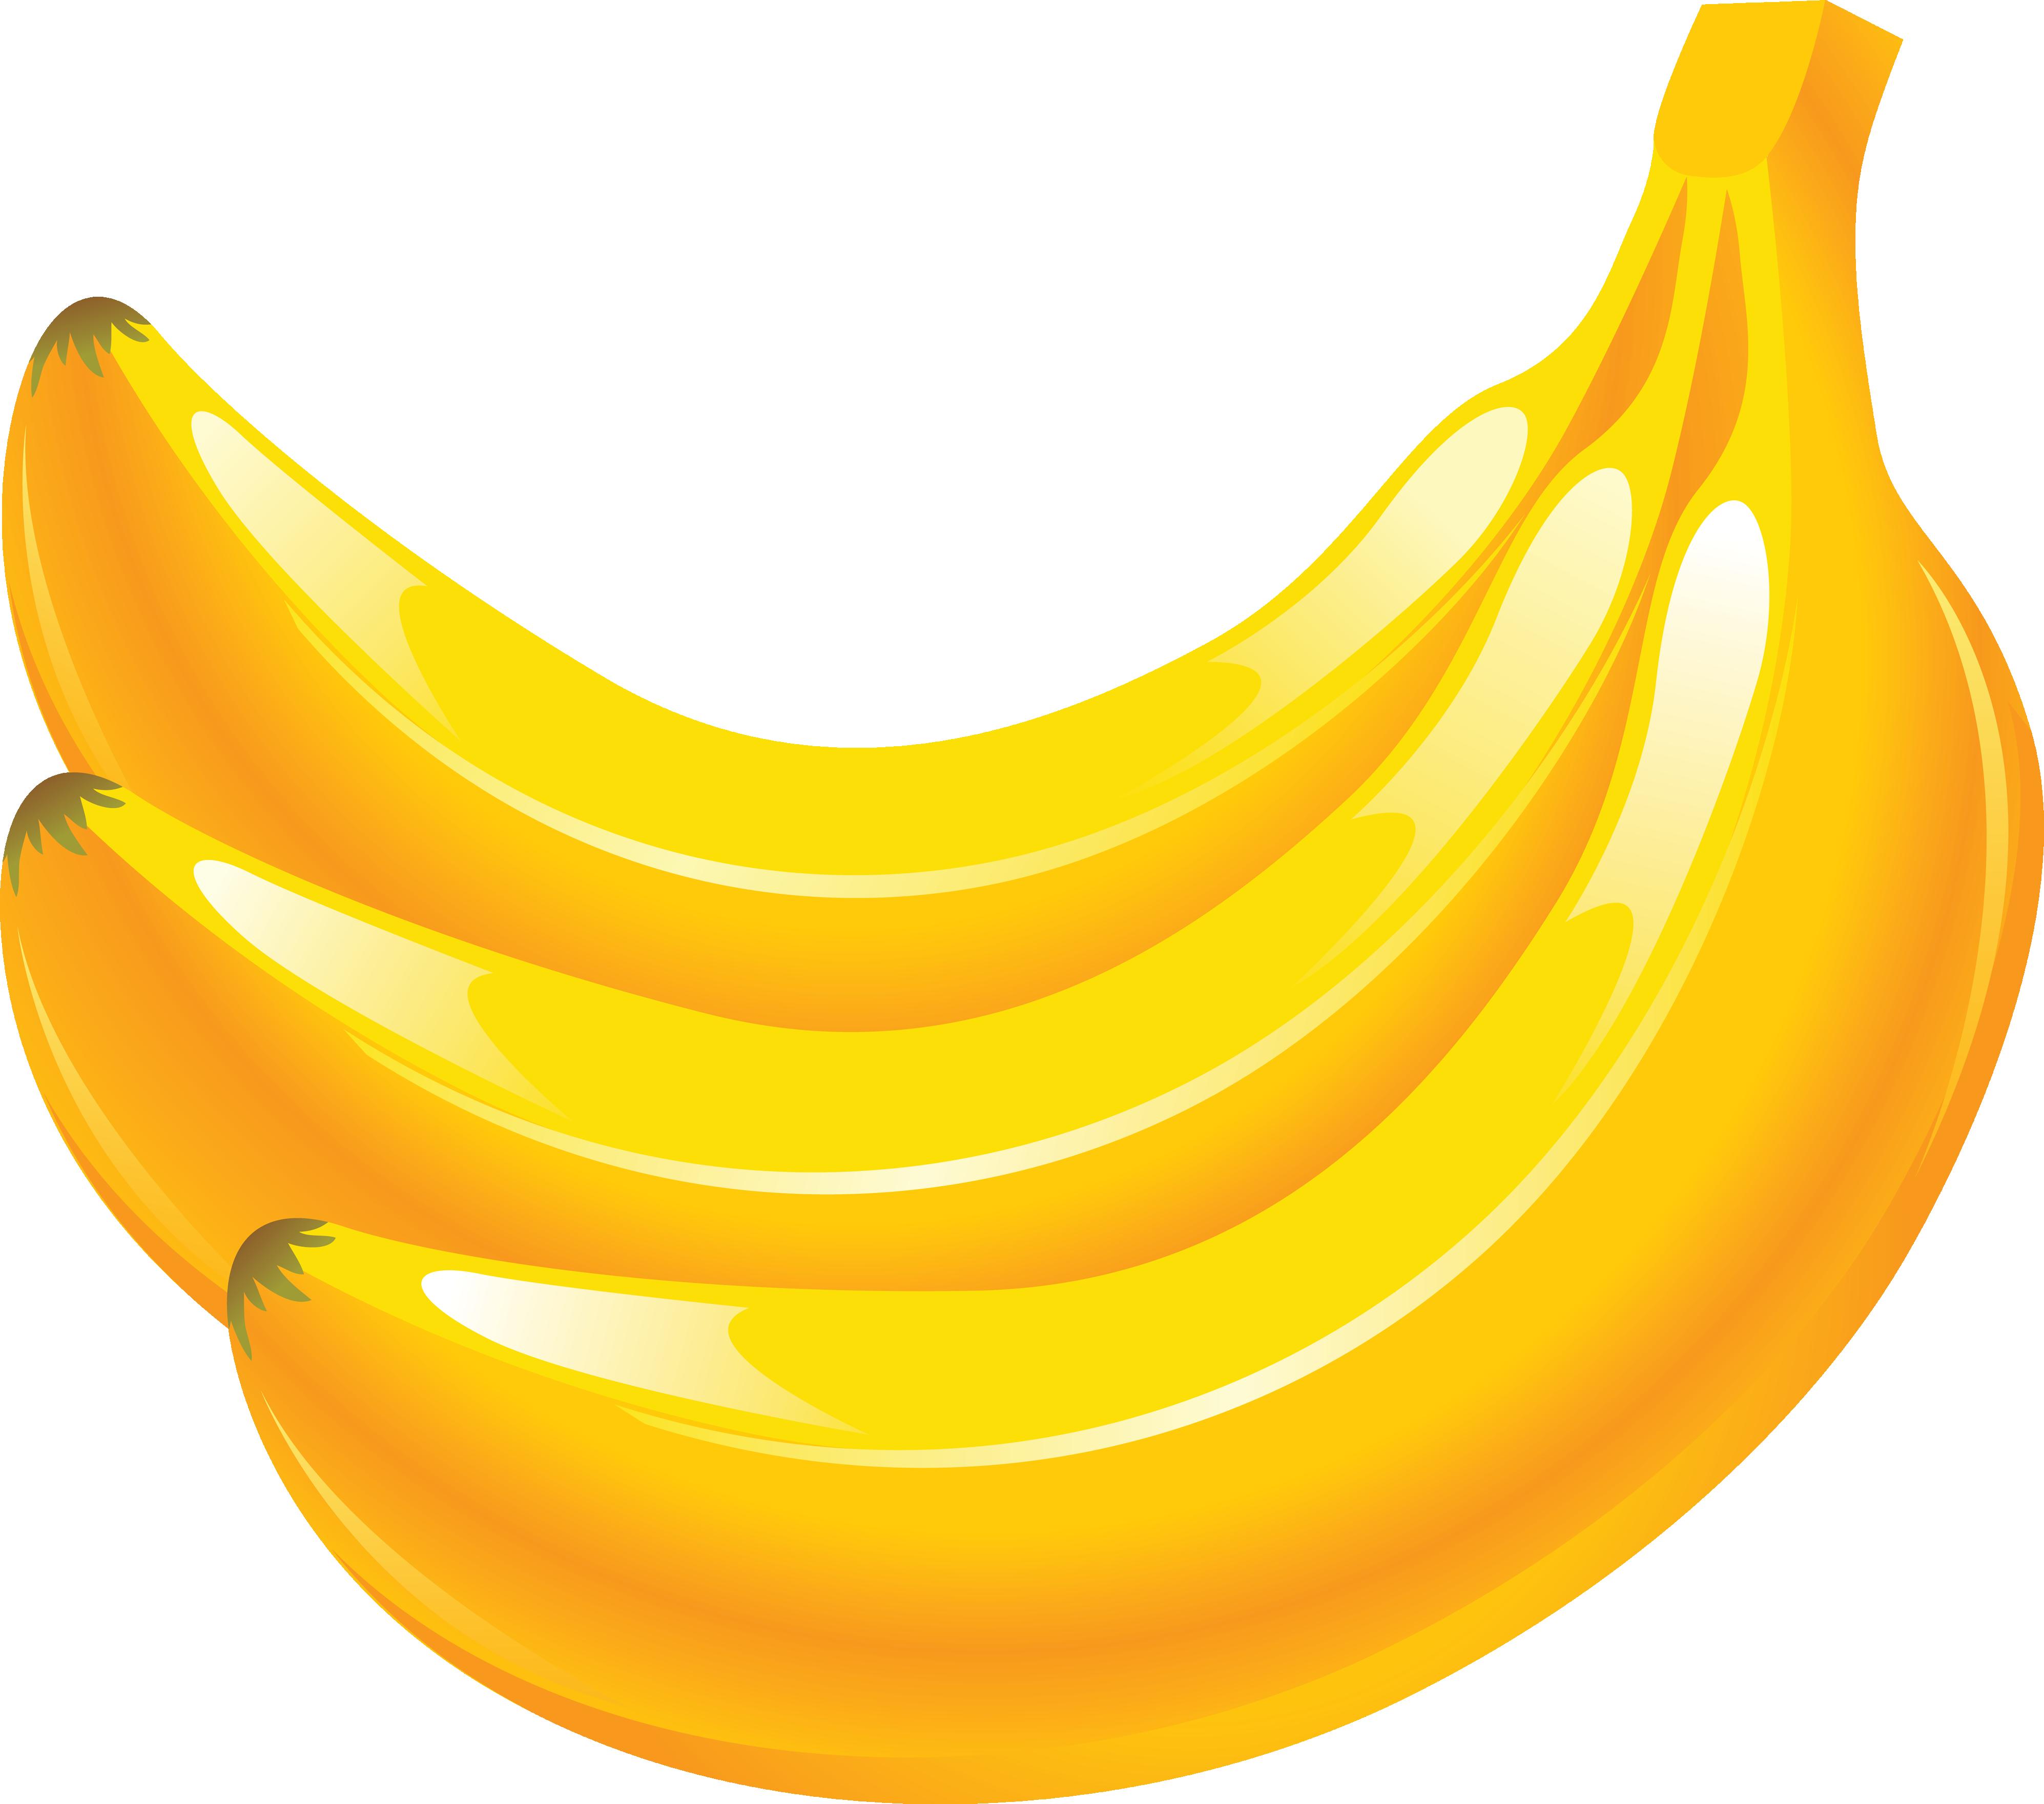 yellow bananas PNG image - Banana PNG